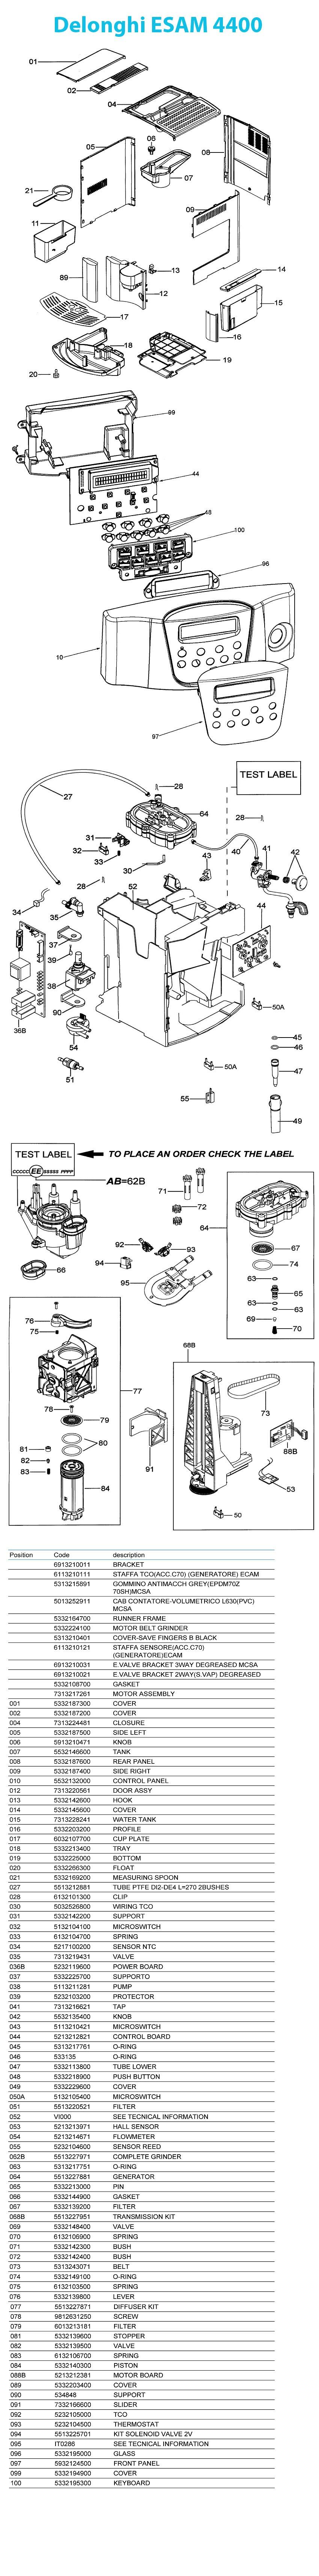 Delonghi Magnifica Parts Diagram Delonghi Esam 4400 Pare Parts Of Delonghi Magnifica Parts Diagram